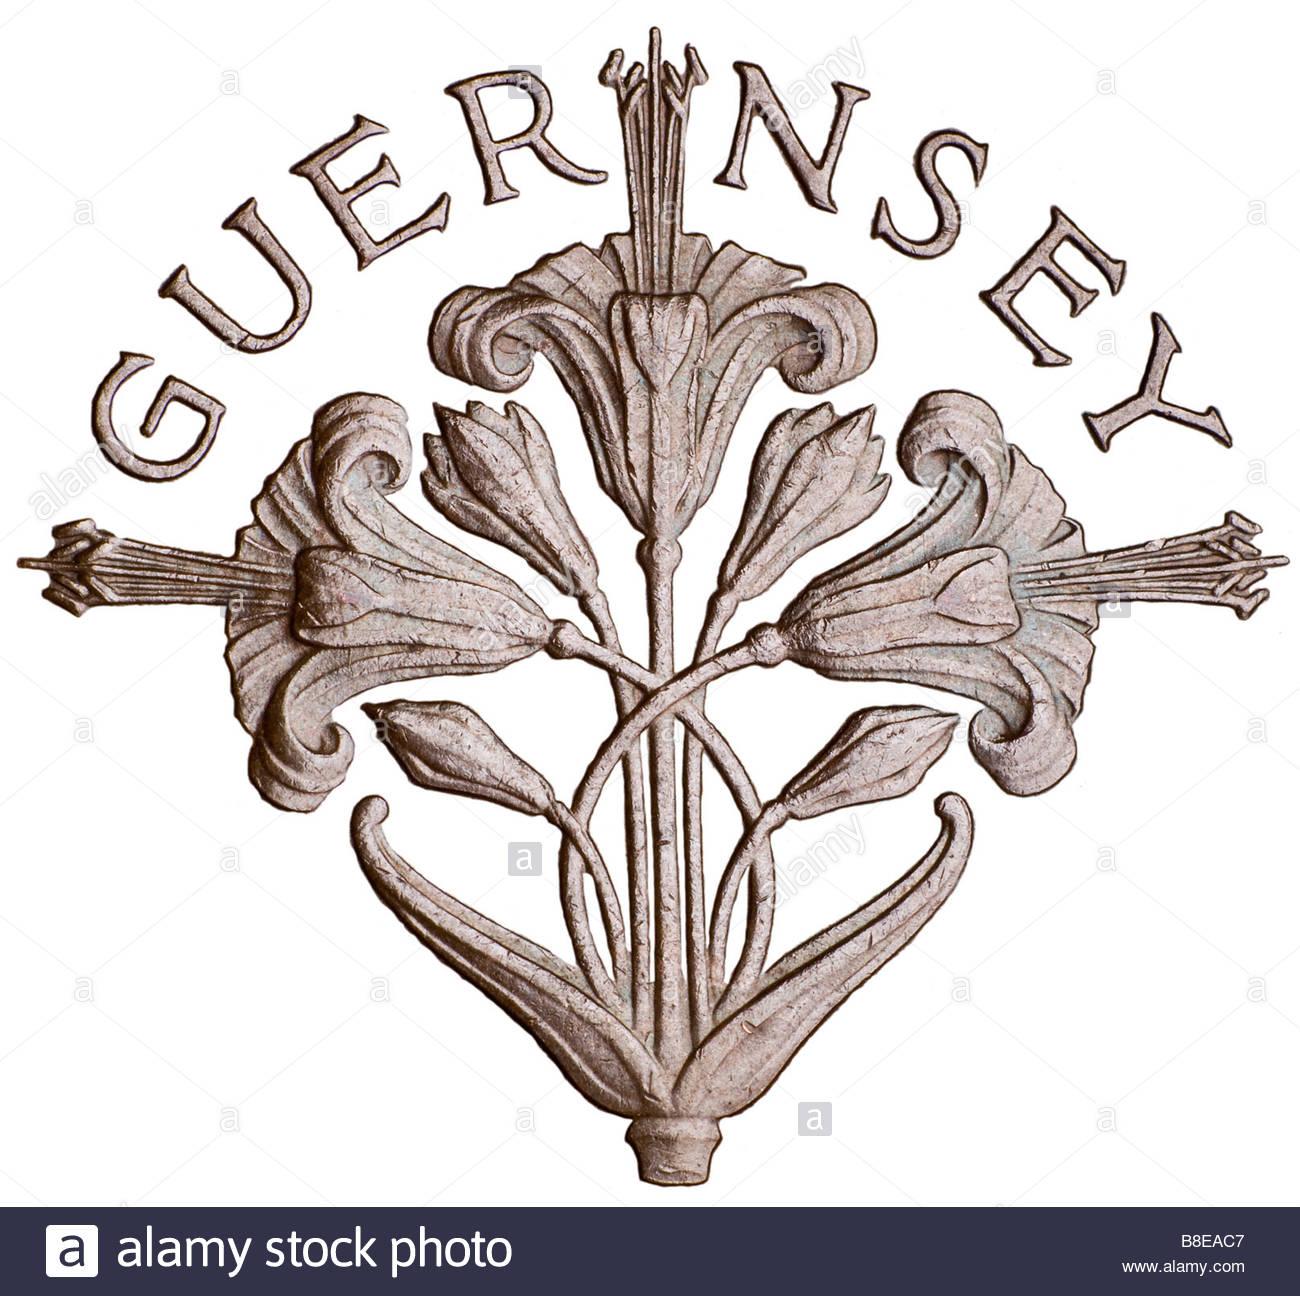 Guernsey Lily (nerine Sarniensis).